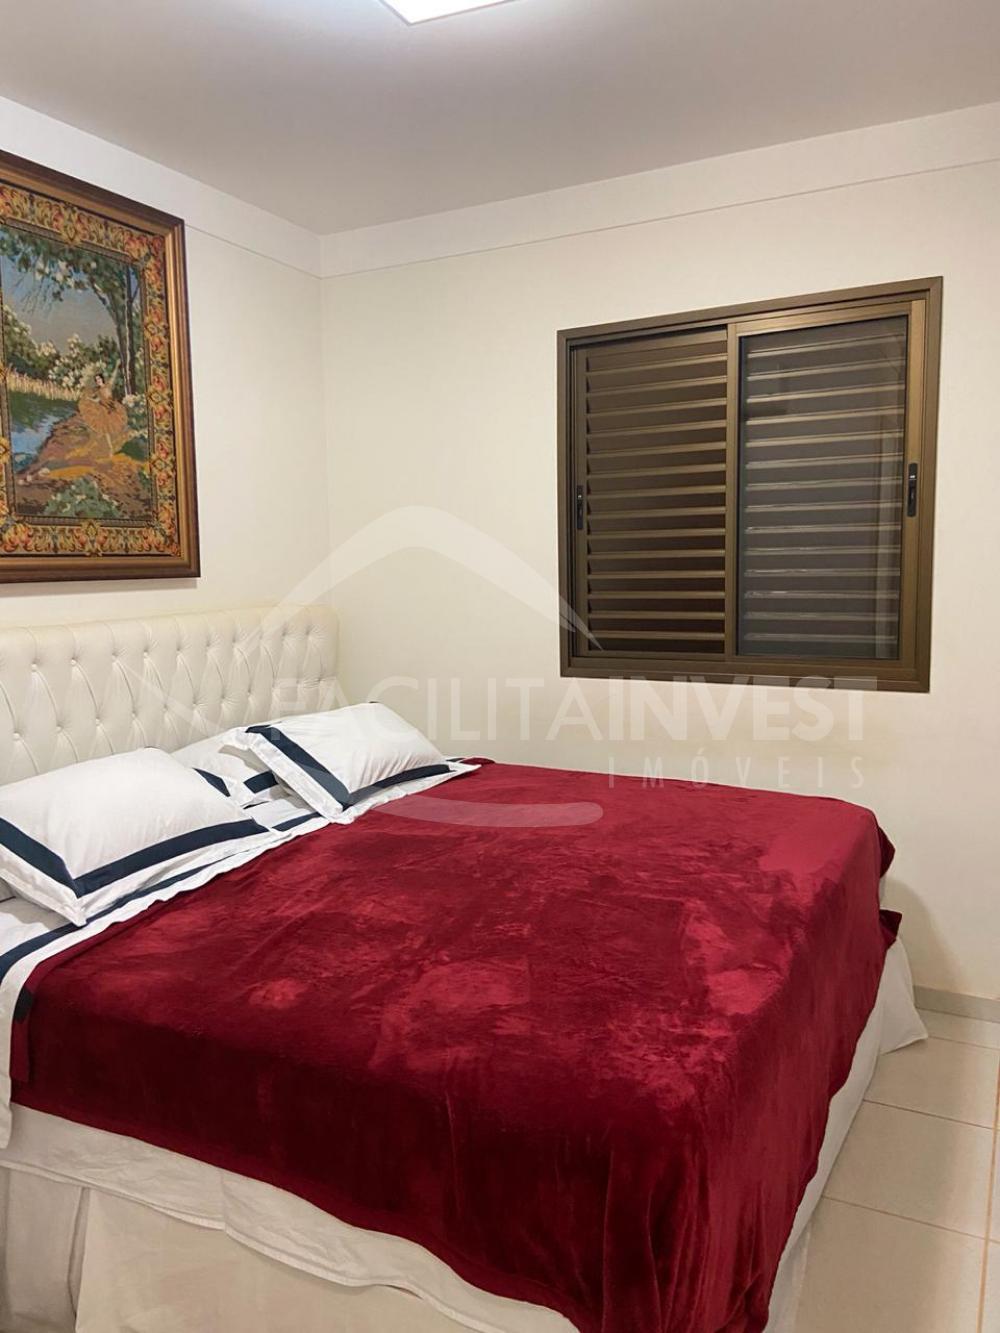 Comprar Apartamentos / Apart. Padrão em Ribeirão Preto apenas R$ 495.000,00 - Foto 9